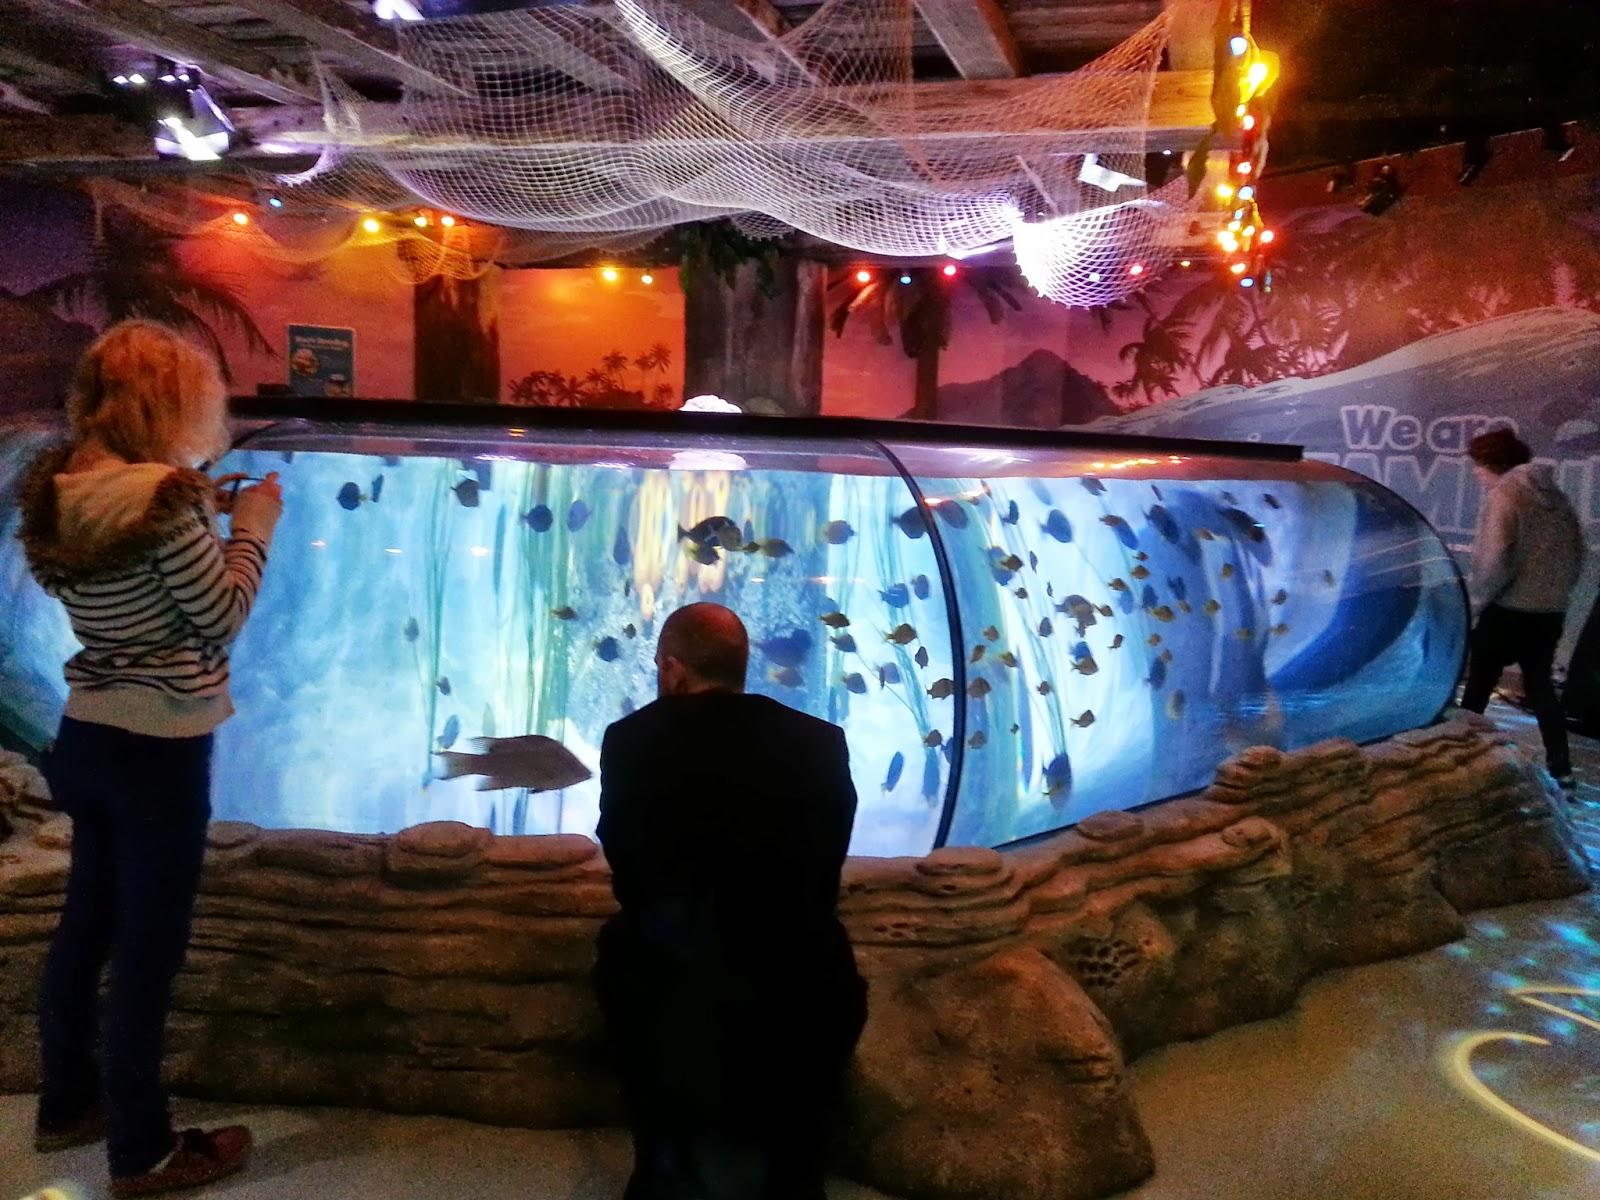 The Brick Castle: The New SEA LIFE Centre, Trafford Park, Manchester